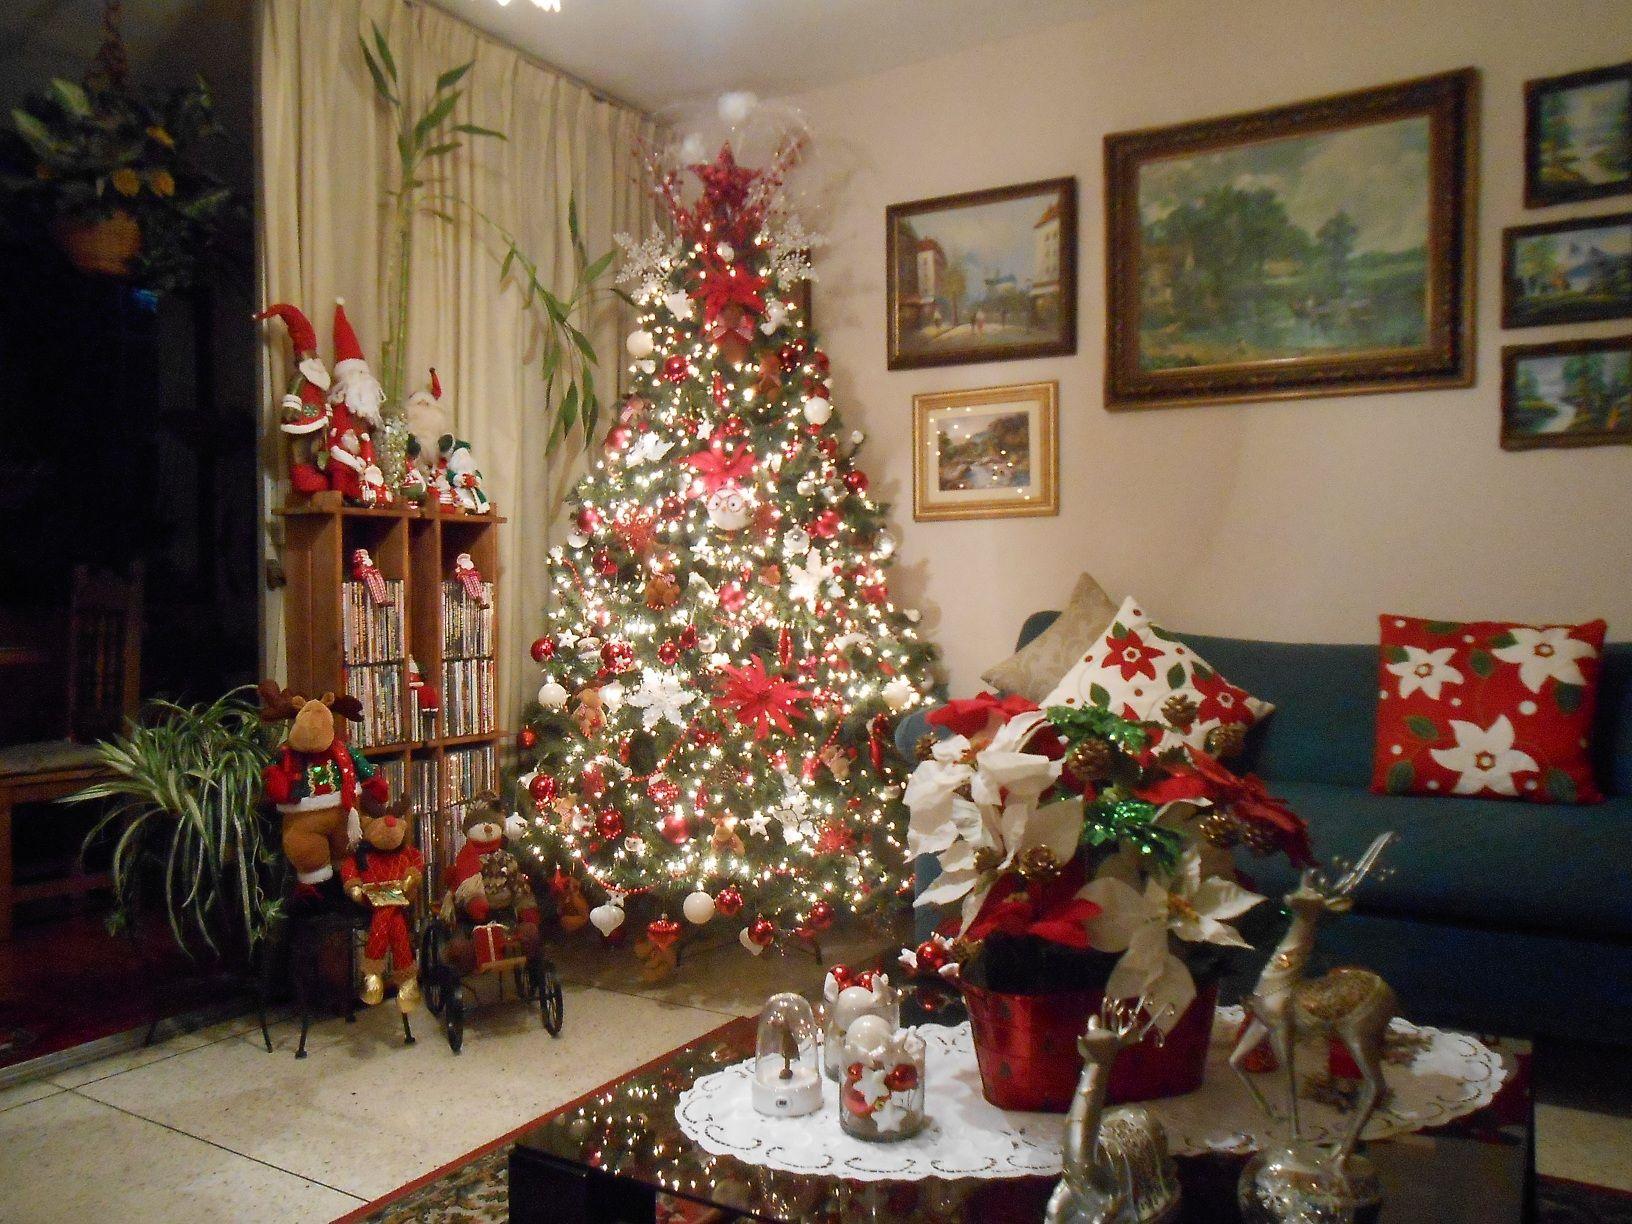 mi arbol de navidad 2013 2014 y decoracion de mi sala On decoracion de navidad 2014